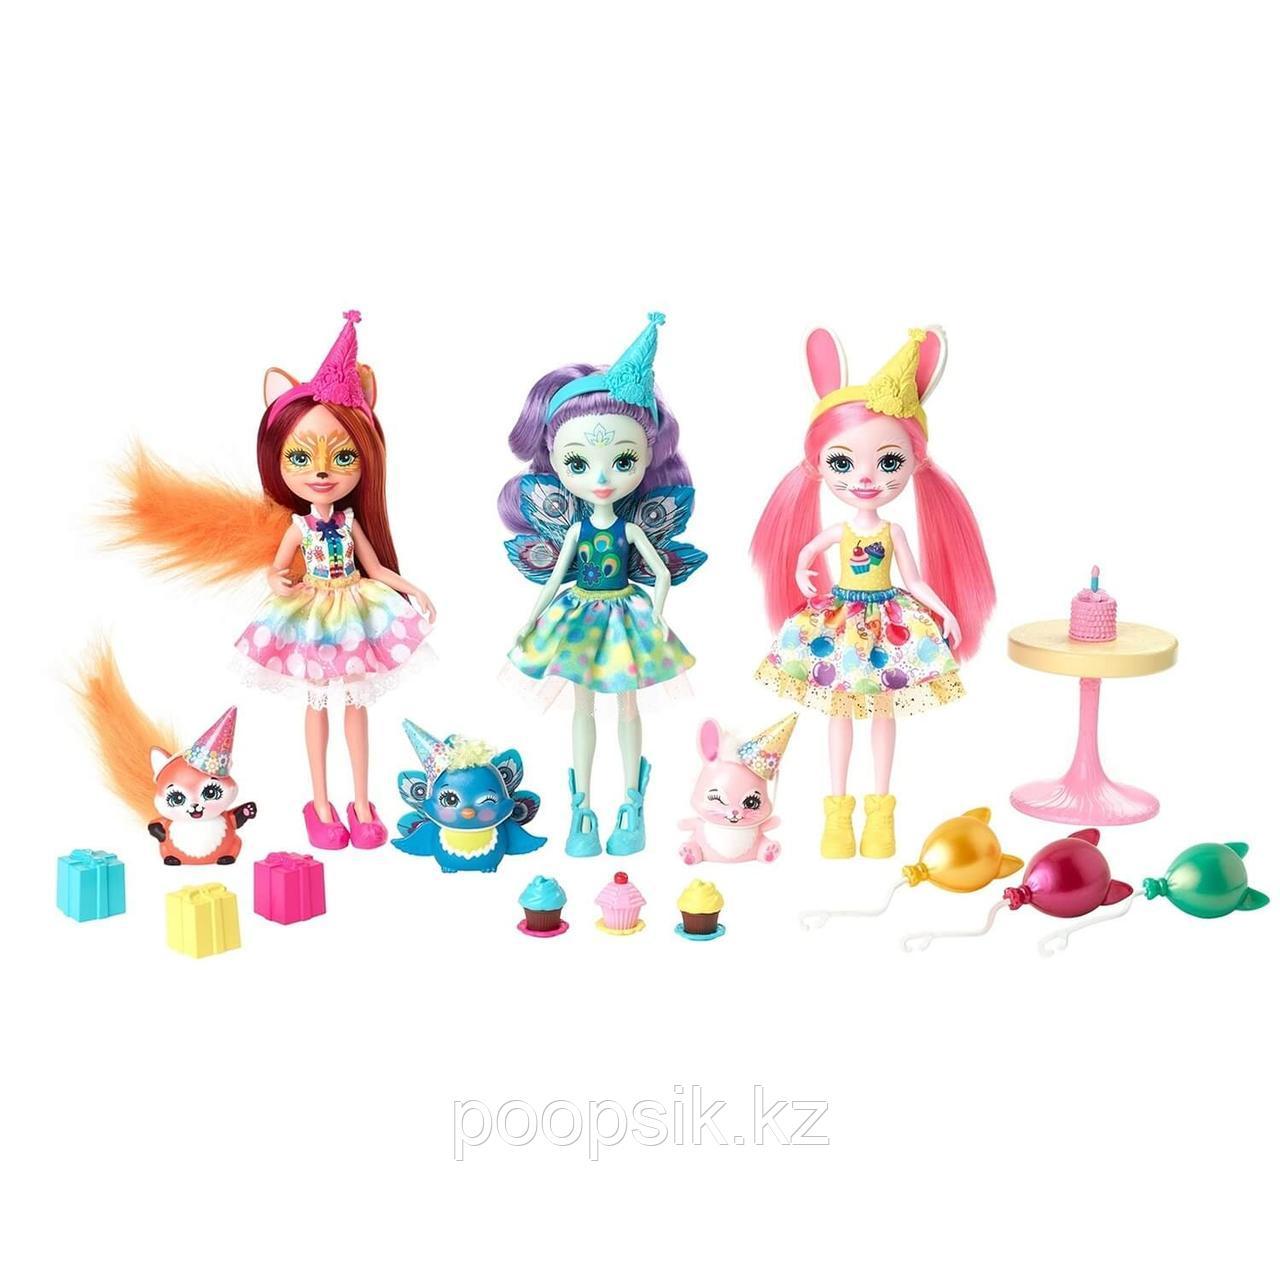 Enchantimals День рождения набор из трех кукол и их питомцев GJX22 - фото 1